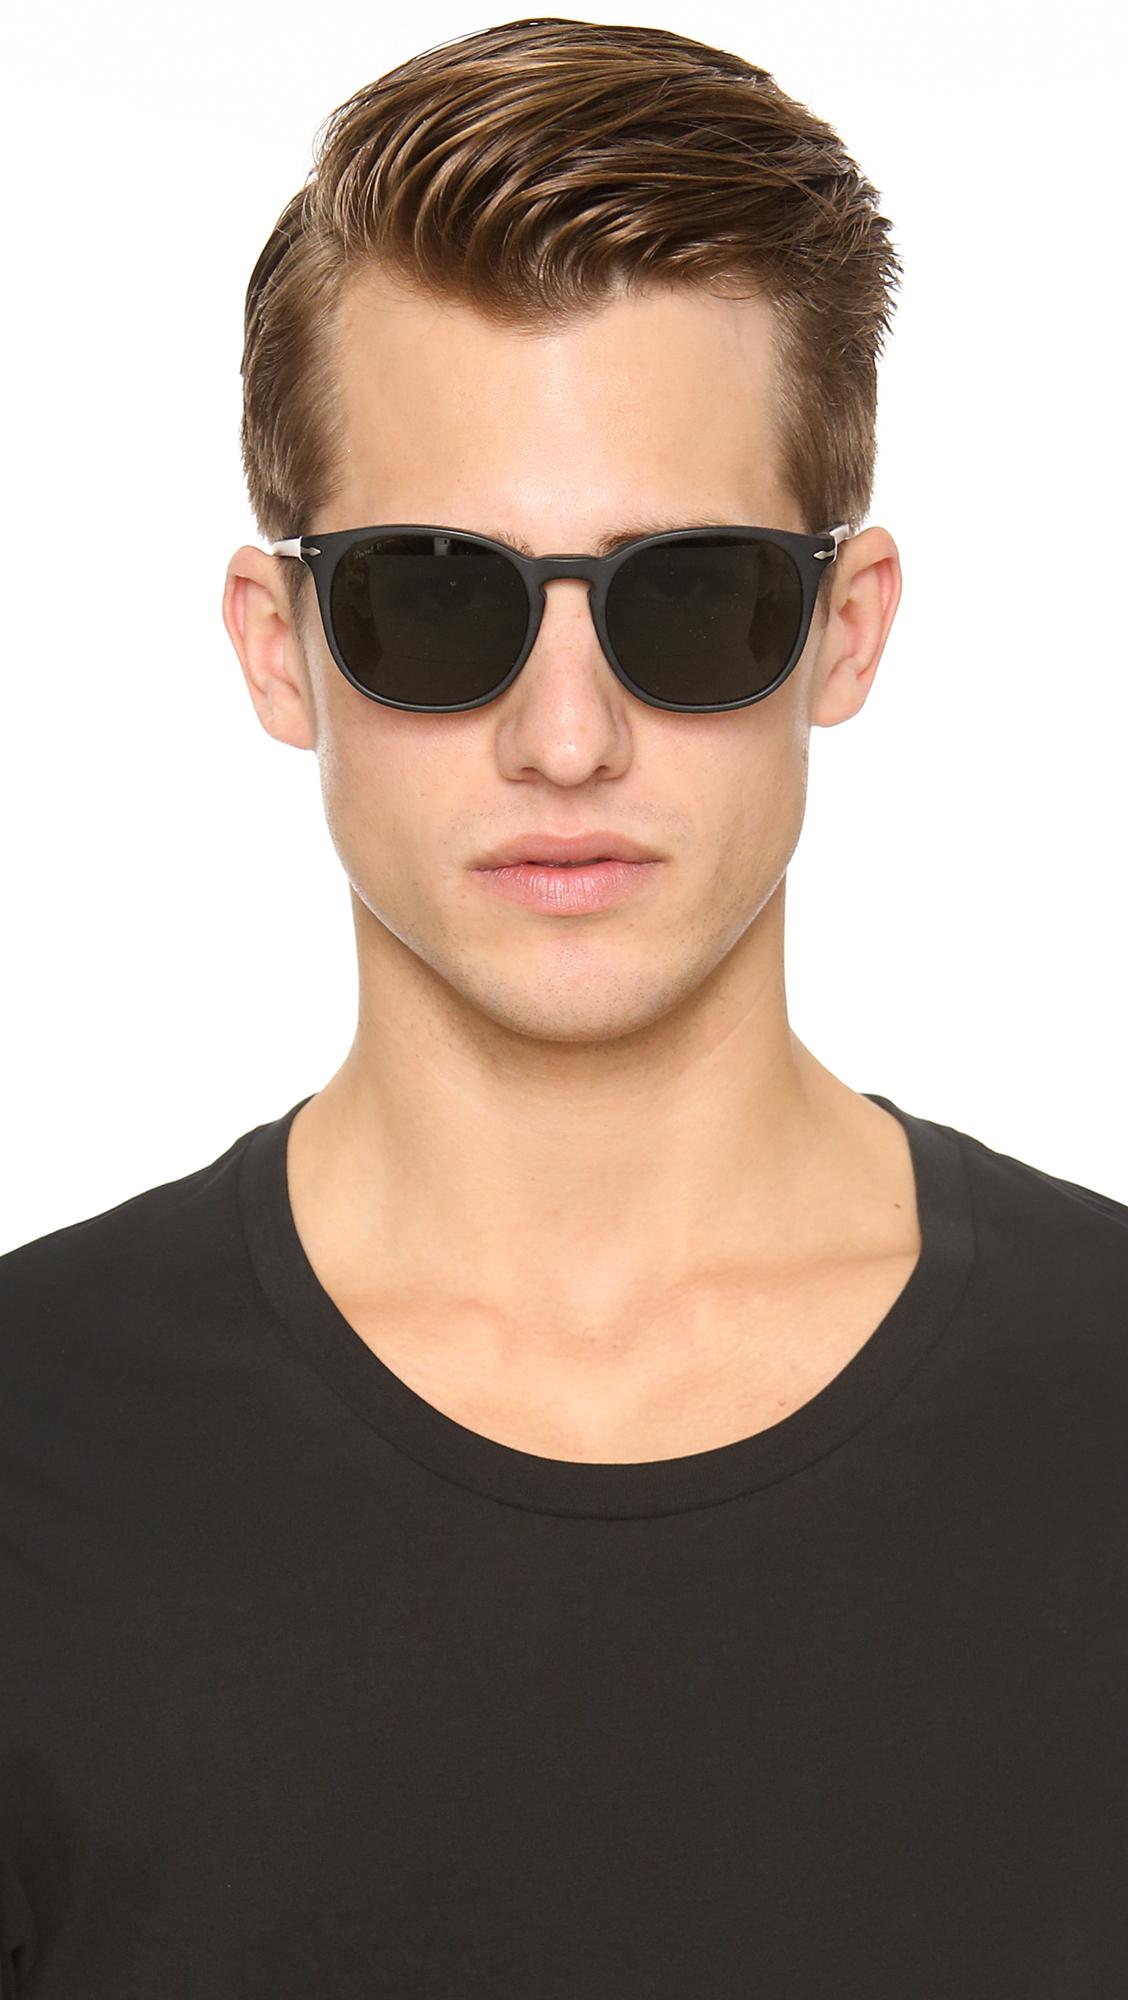 c0db3a3c3e Lyst - Persol Polarized Classic Sunglasses in Black for Men